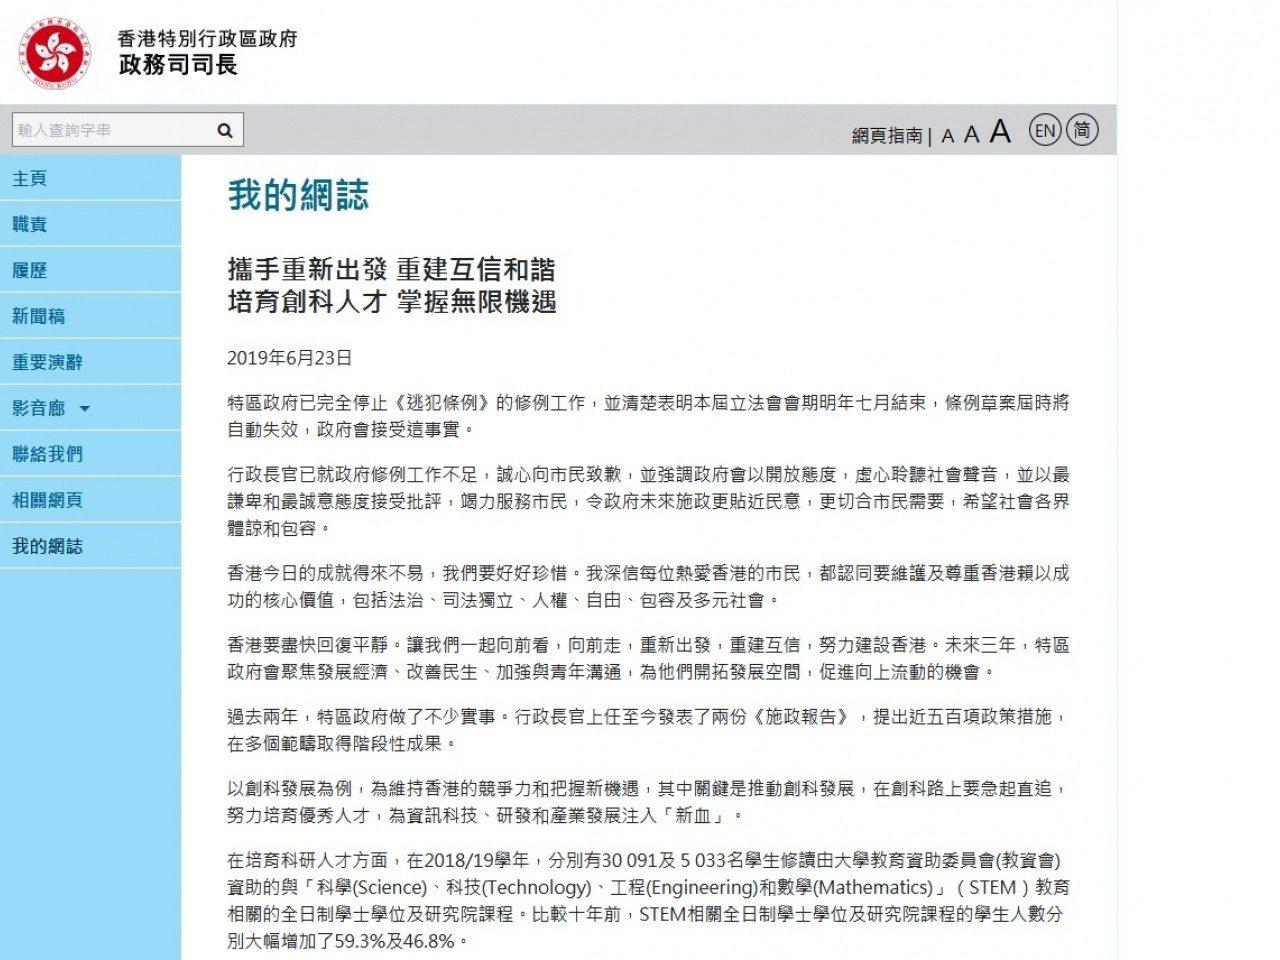 港府政務司長張建宗說,香港要盡快回復平靜,重建互信。(政務司司長網誌截圖)